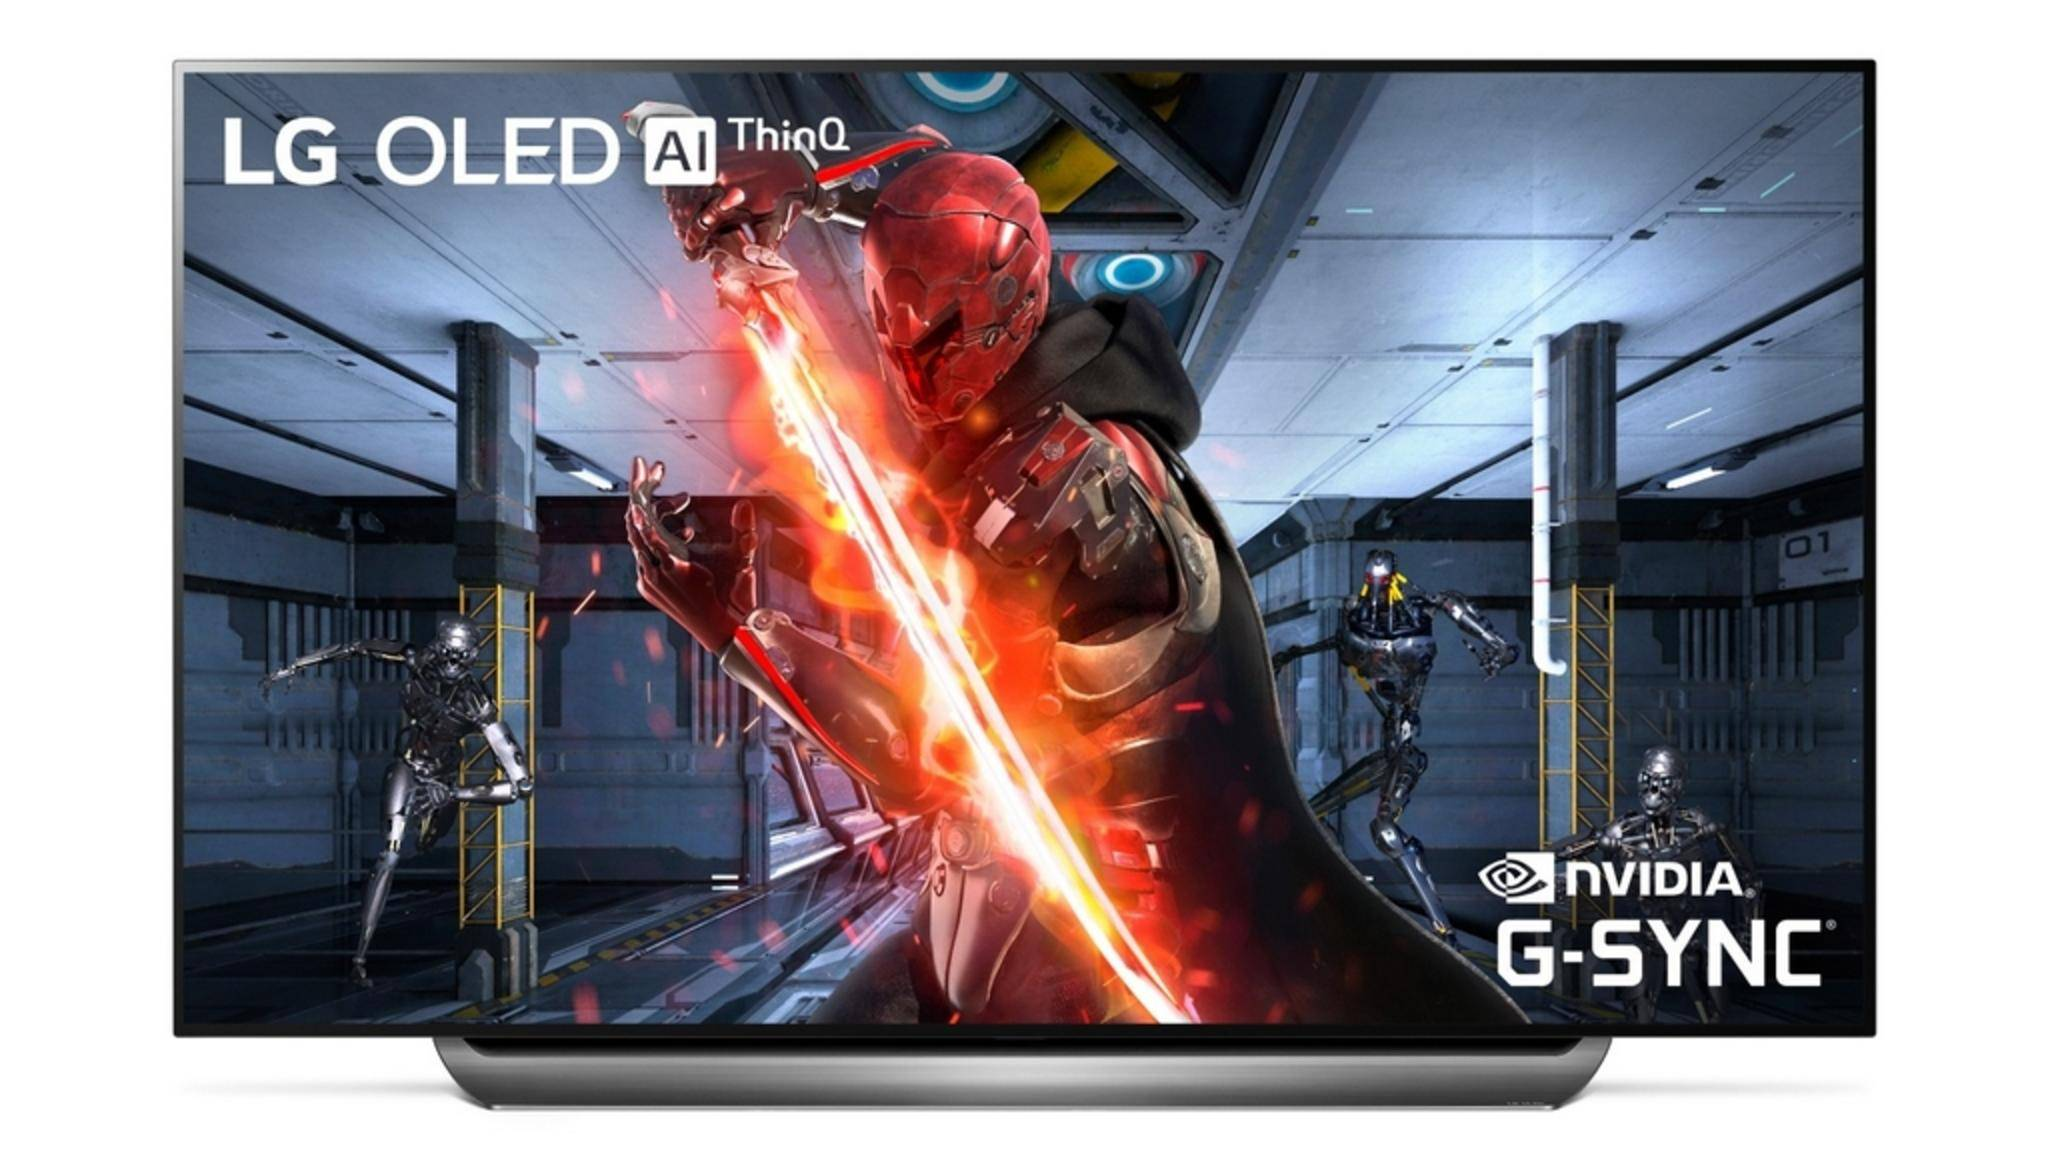 LG bietet jetzt auch Nvidia G-Sync in seinen OLED-TVs.